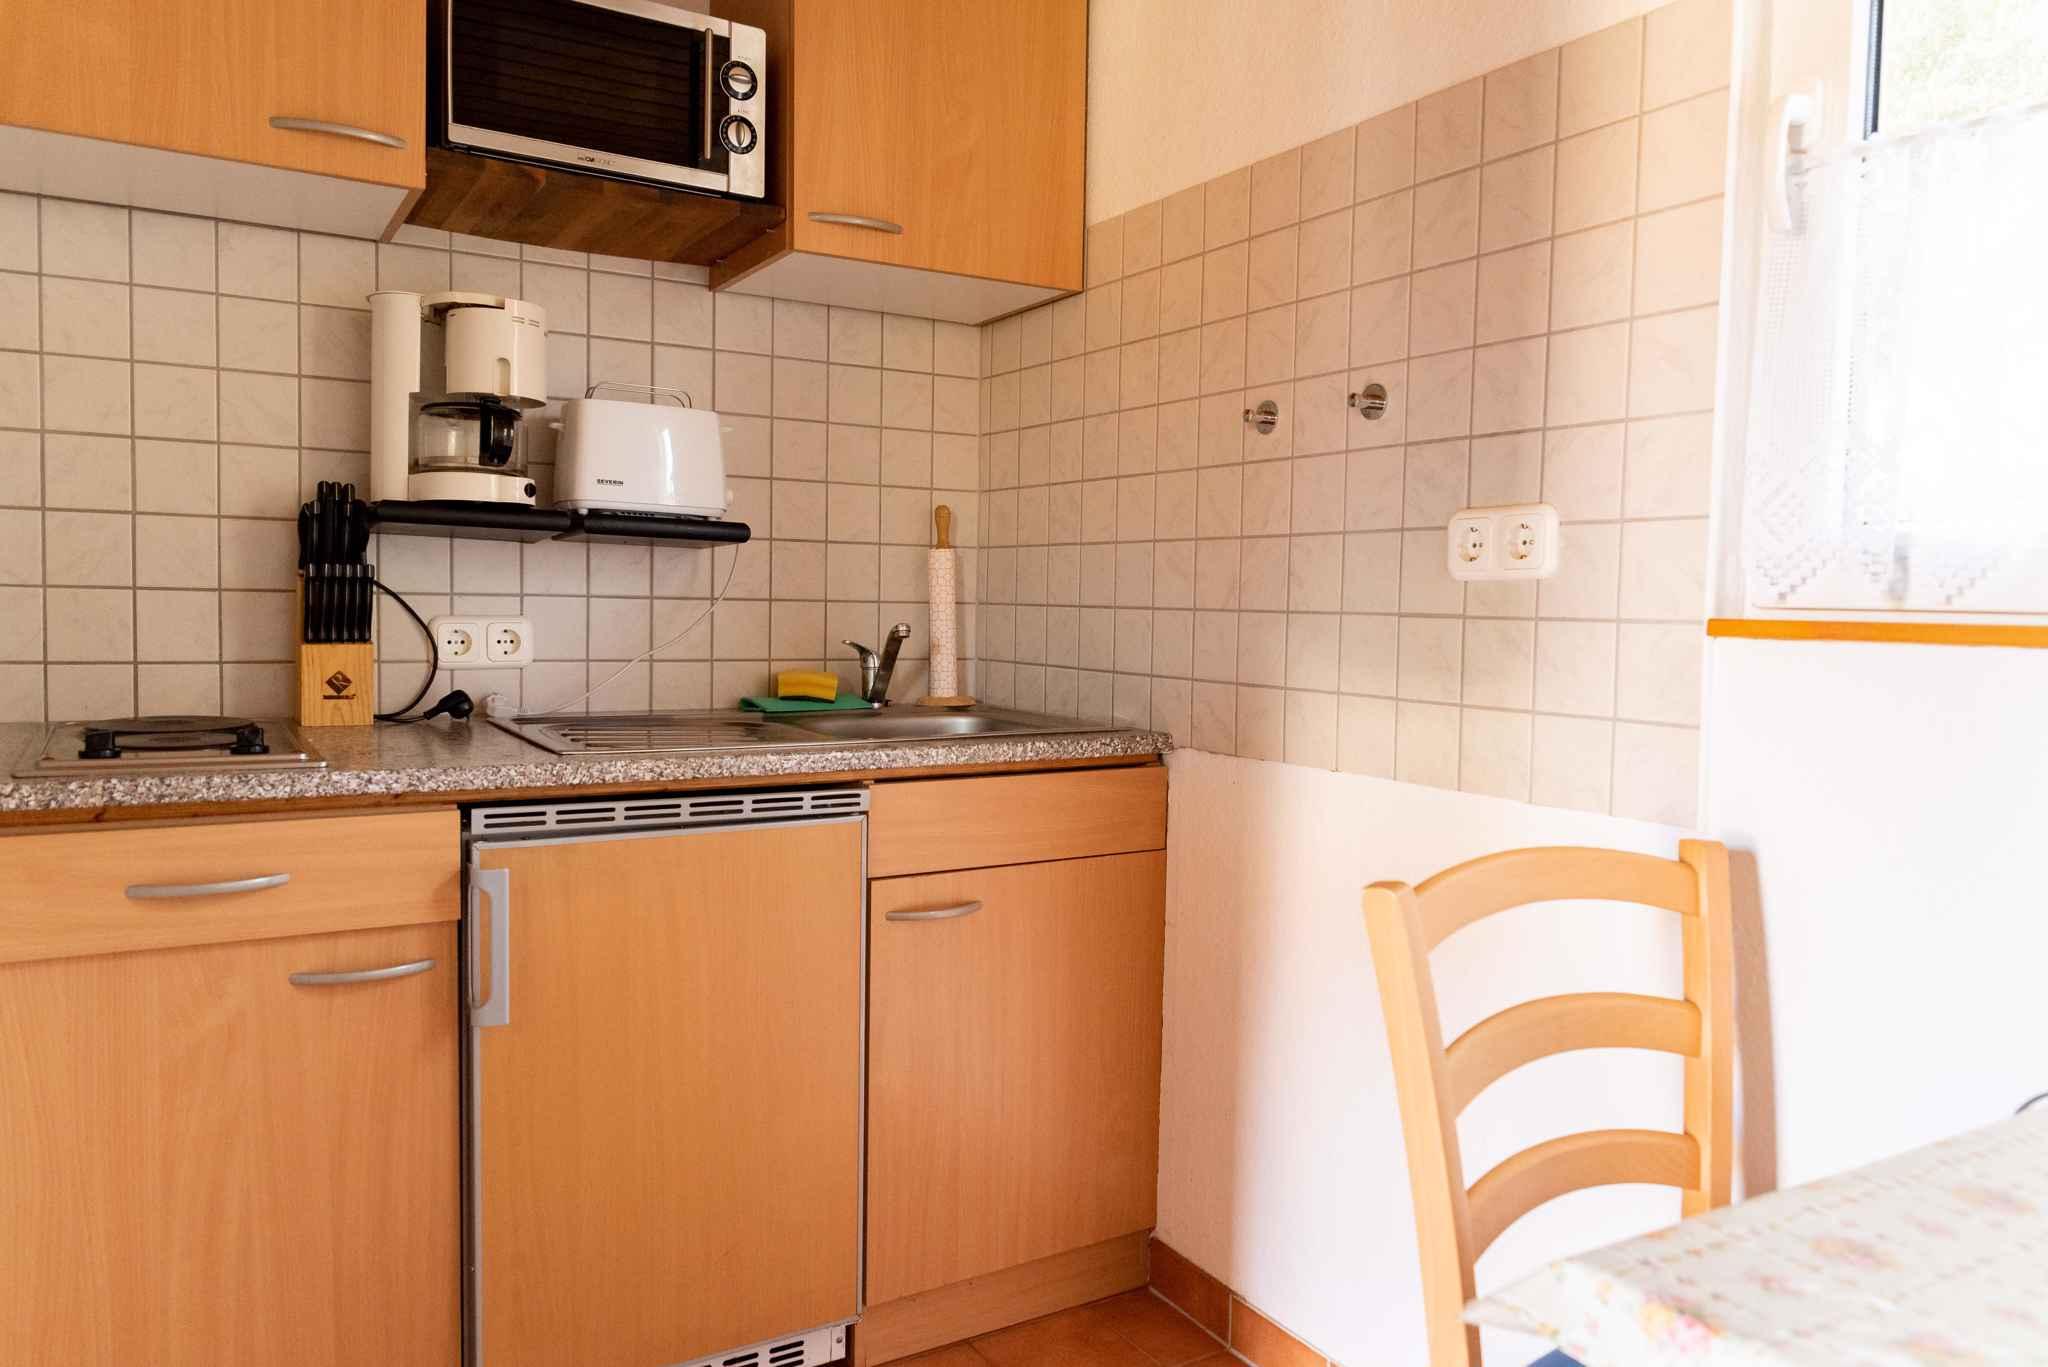 Ferienhaus Bungalow mit Terrasse und Garten (356789), Fuhlendorf, Ostseeküste Mecklenburg-Vorpommern, Mecklenburg-Vorpommern, Deutschland, Bild 10